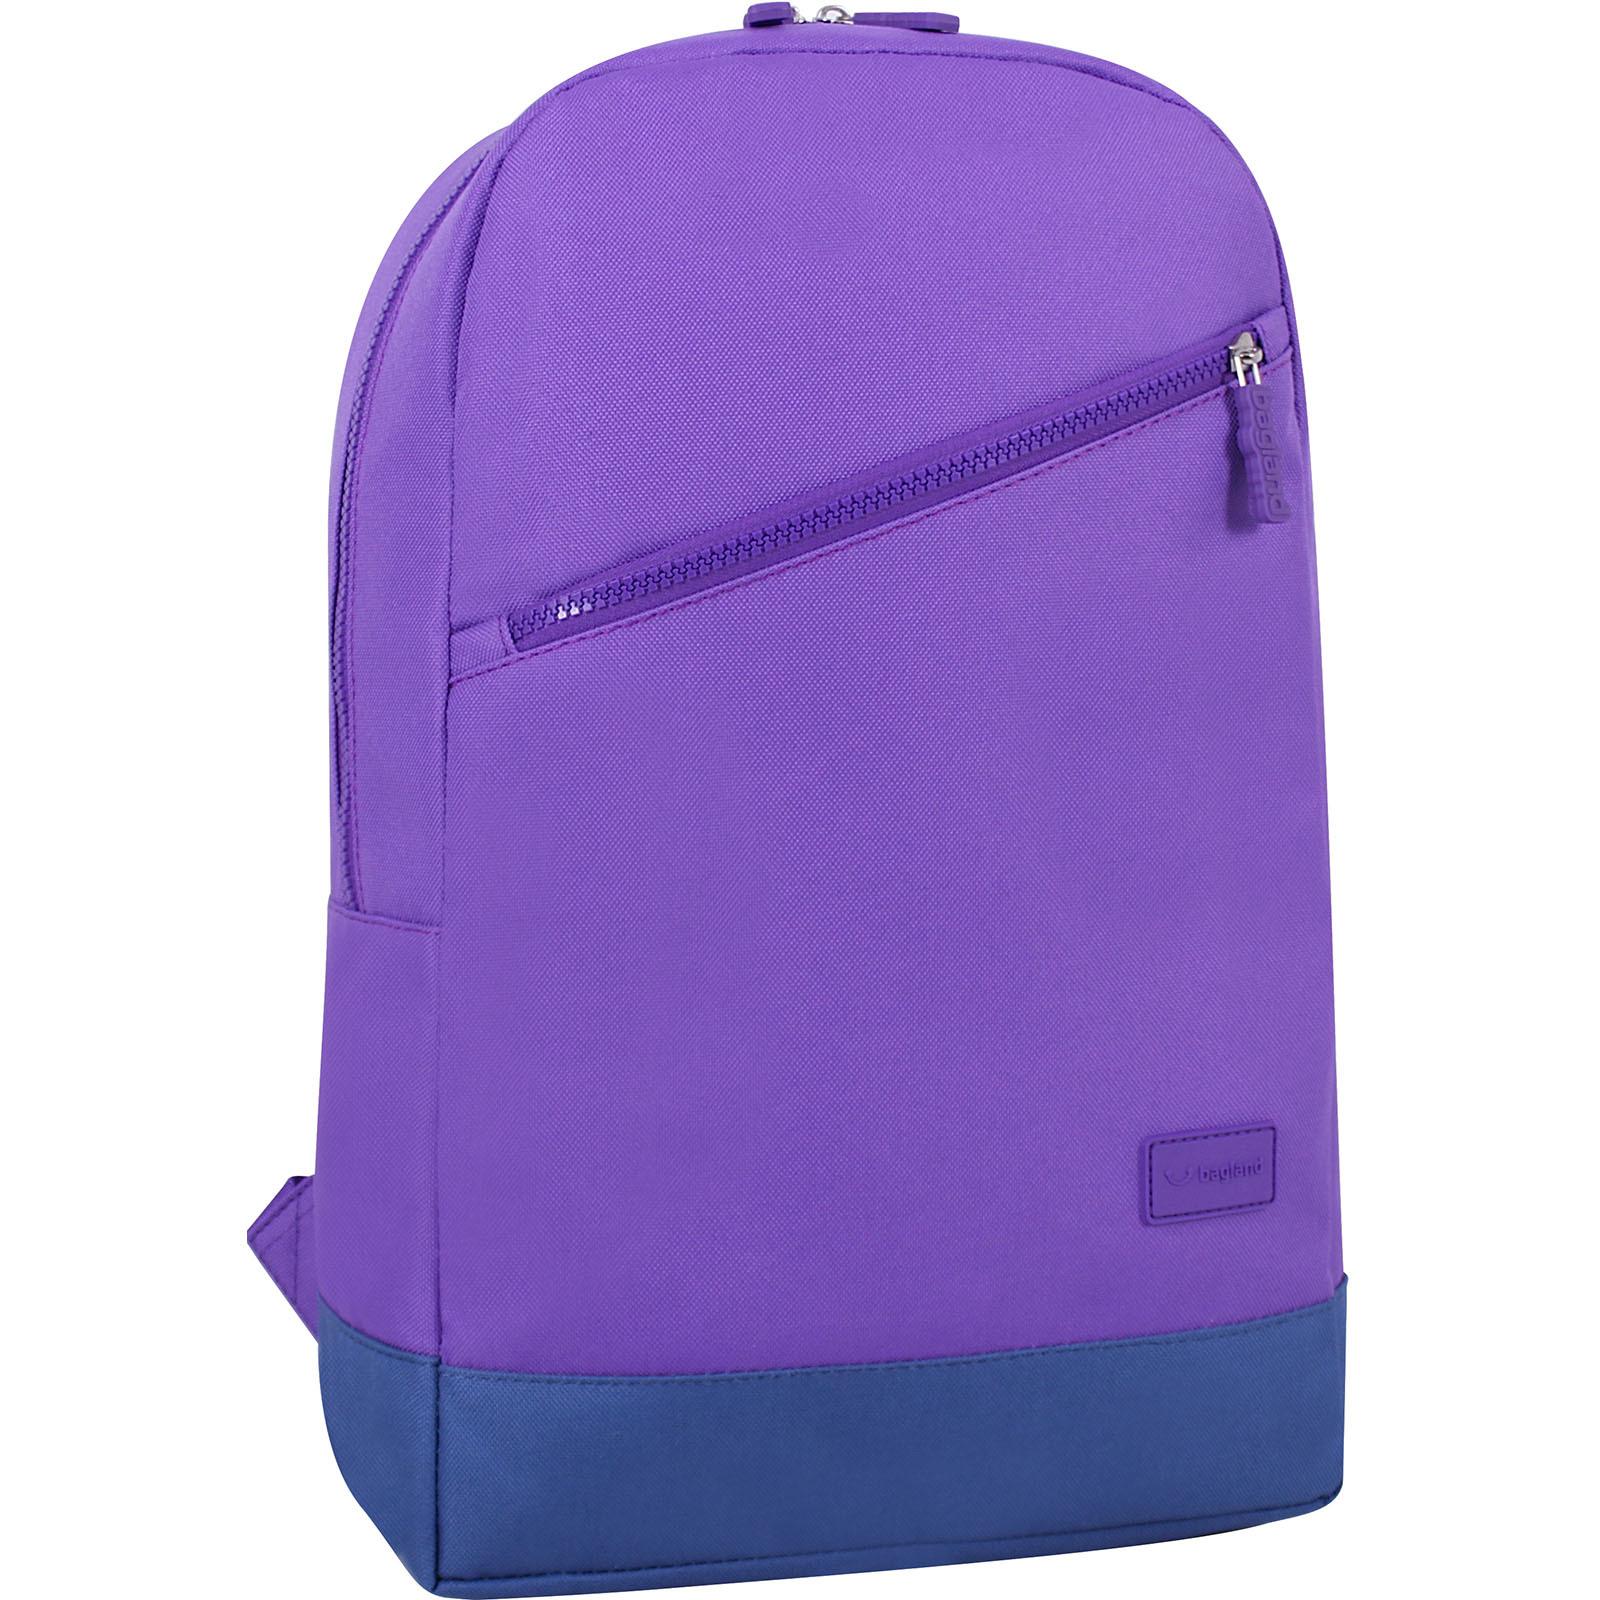 Рюкзак Bagland Amber 15 л. фиолетовый (0010466) фото 1